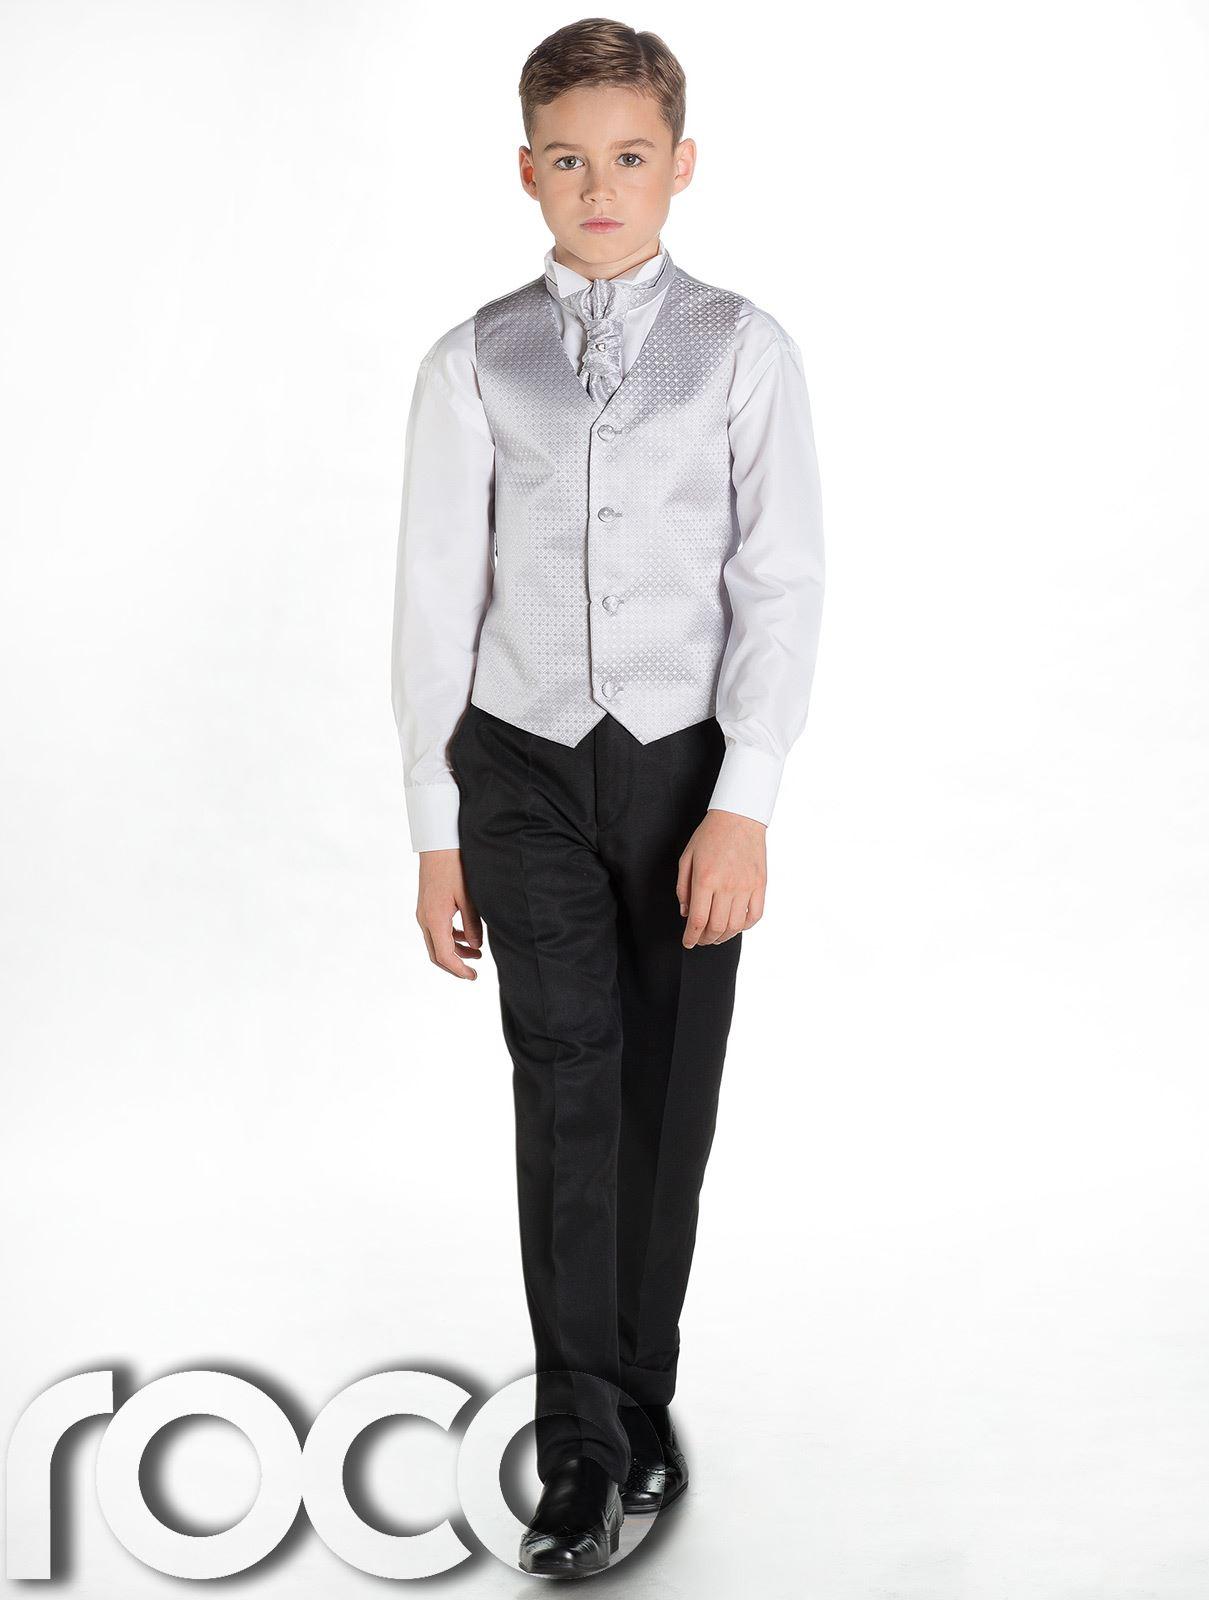 Boys Waistcoat Suit, Boys Wedding Suits, Page Boy Suits, Black ...